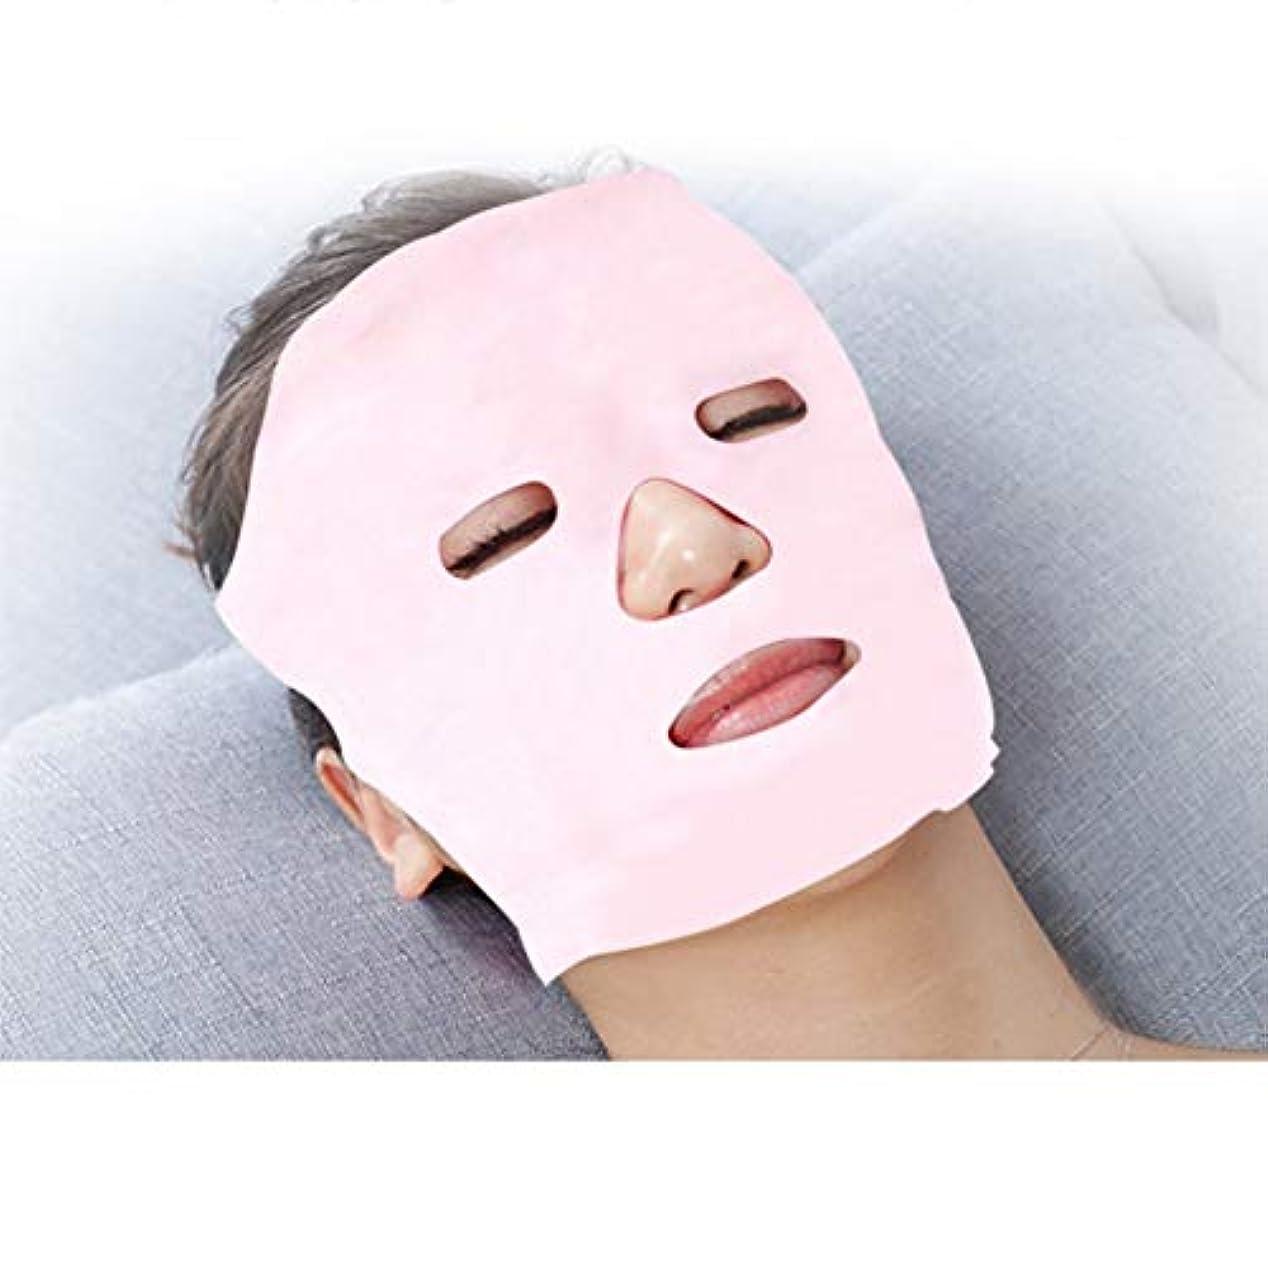 昨日更新するジョガートルマリンジェル マグネットマスク マッサージマスク 颜美容 フェイスマスク 薄い顔 肤色を明るく ヘルスケアマスク 磁気 ェイスポーチ Cutelove